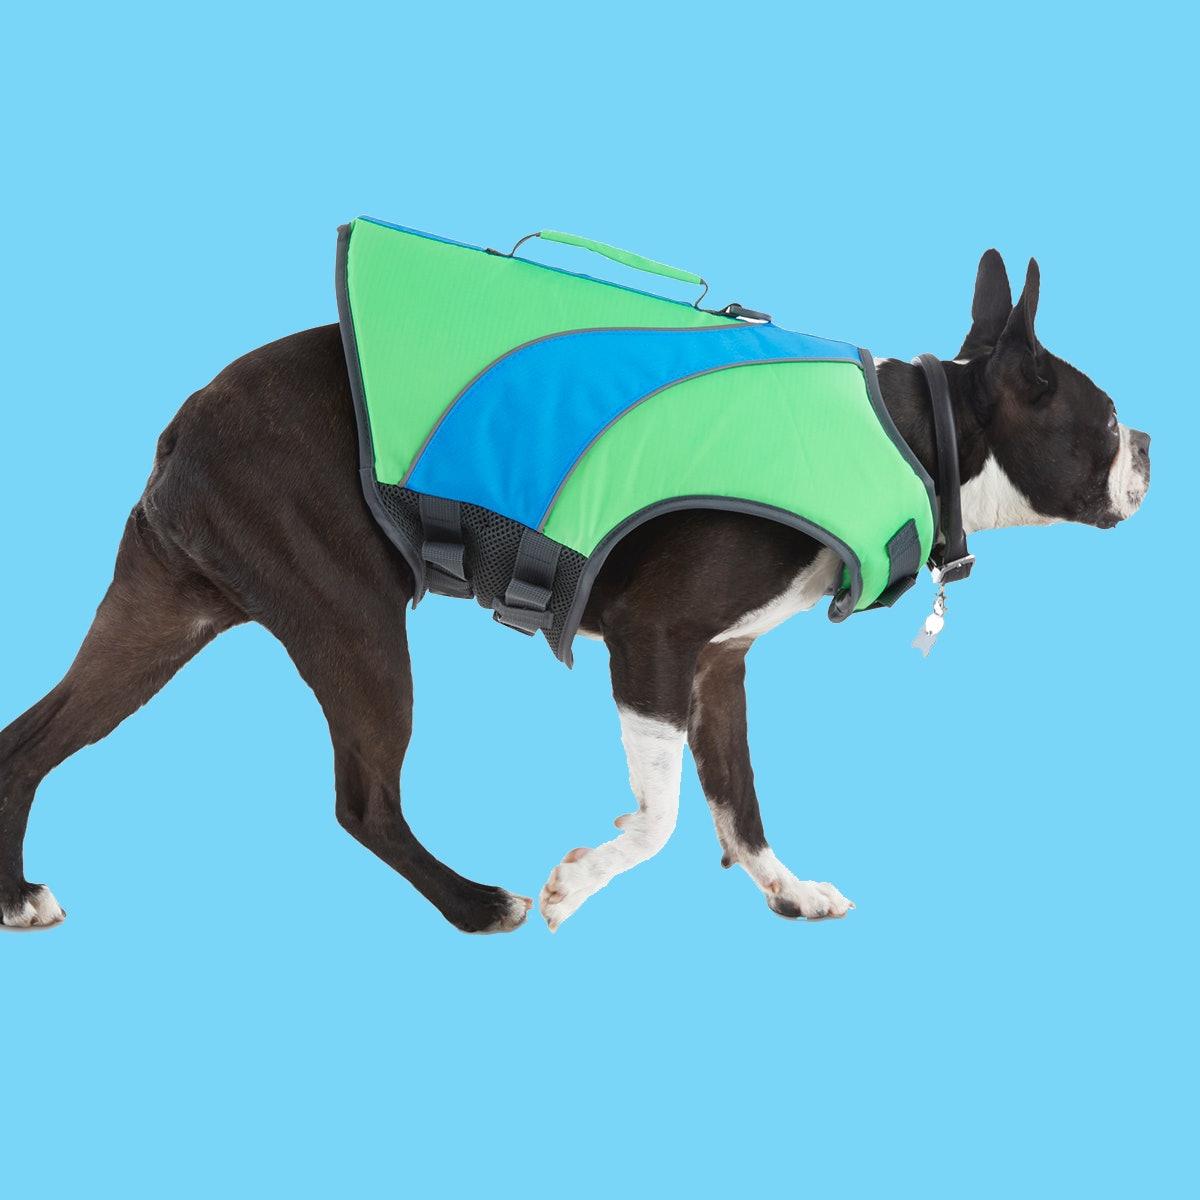 The Beach Bum Green & Blue Dog Flotation Vest